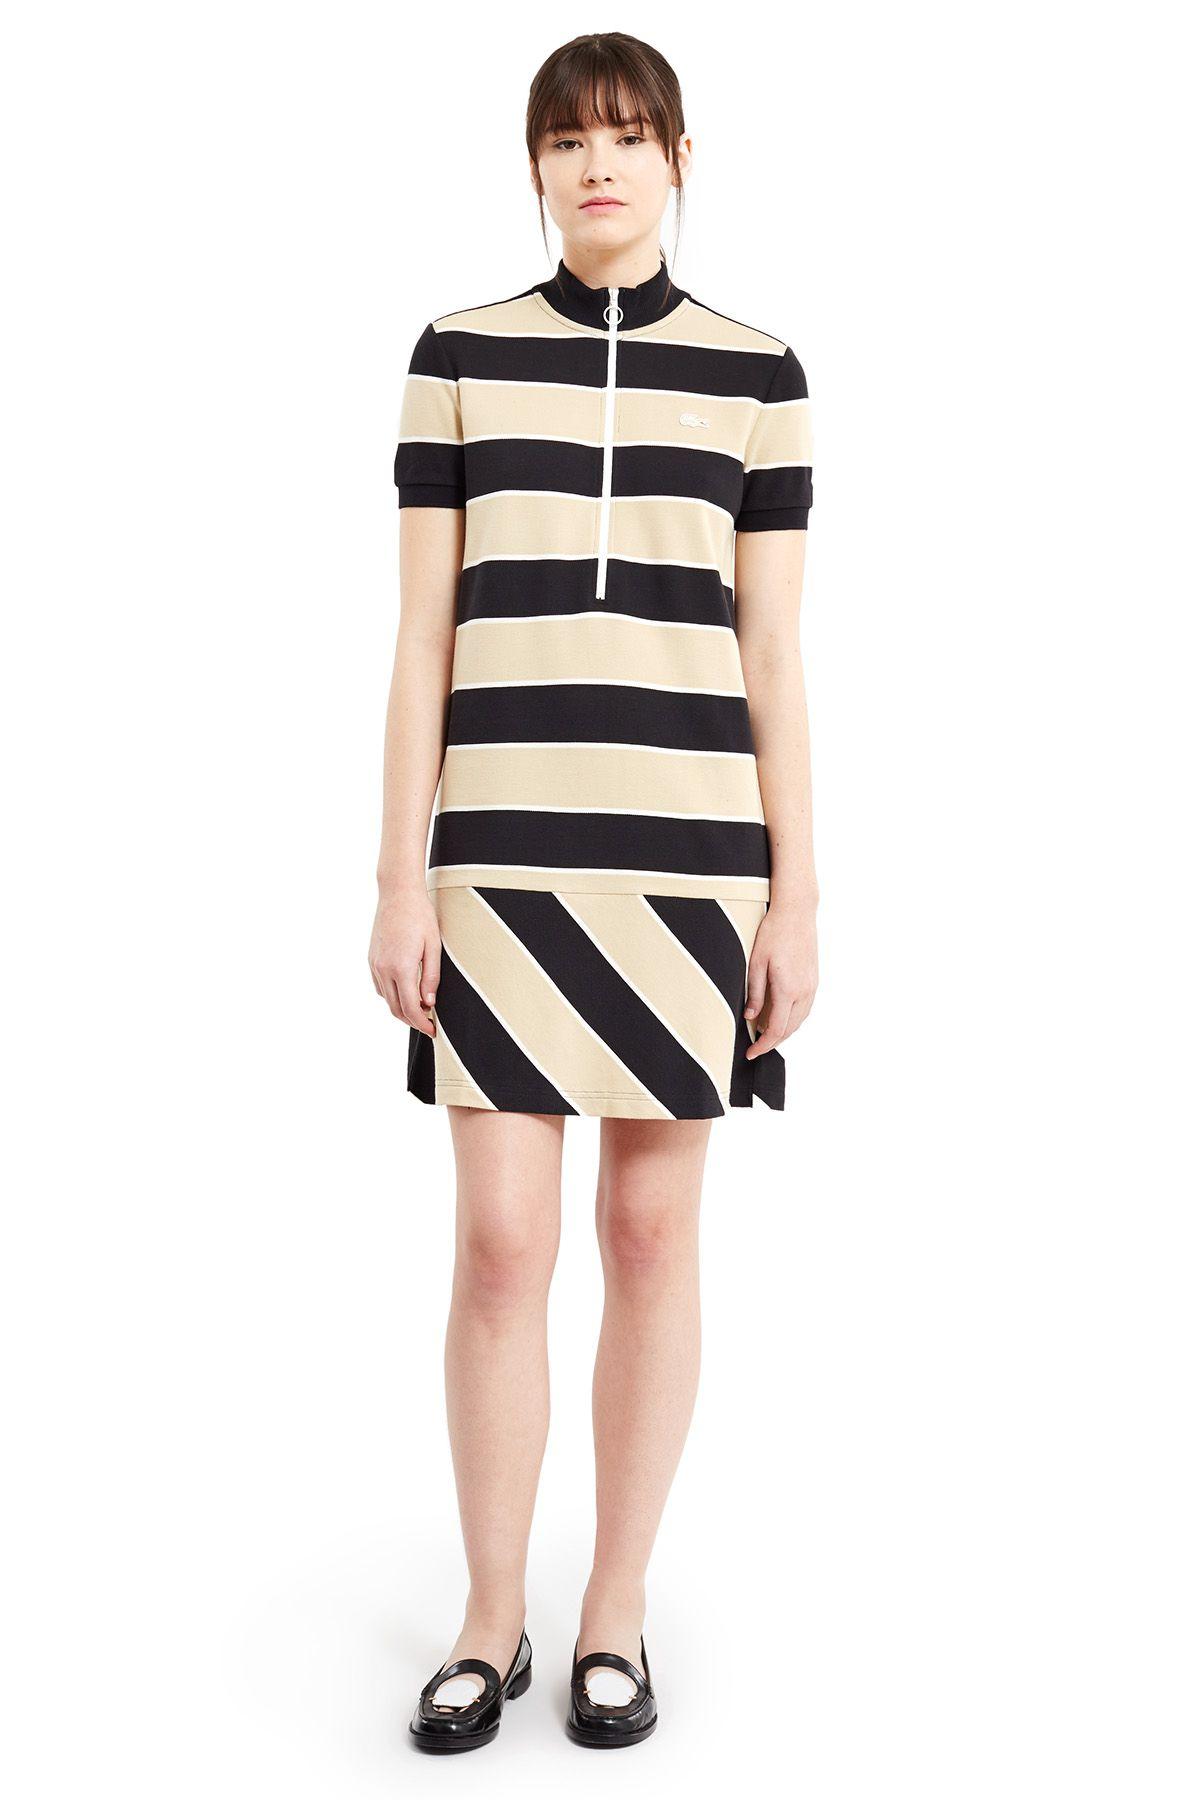 5279fe6cb502 Amazon.co.uk  lacoste live  Clothing